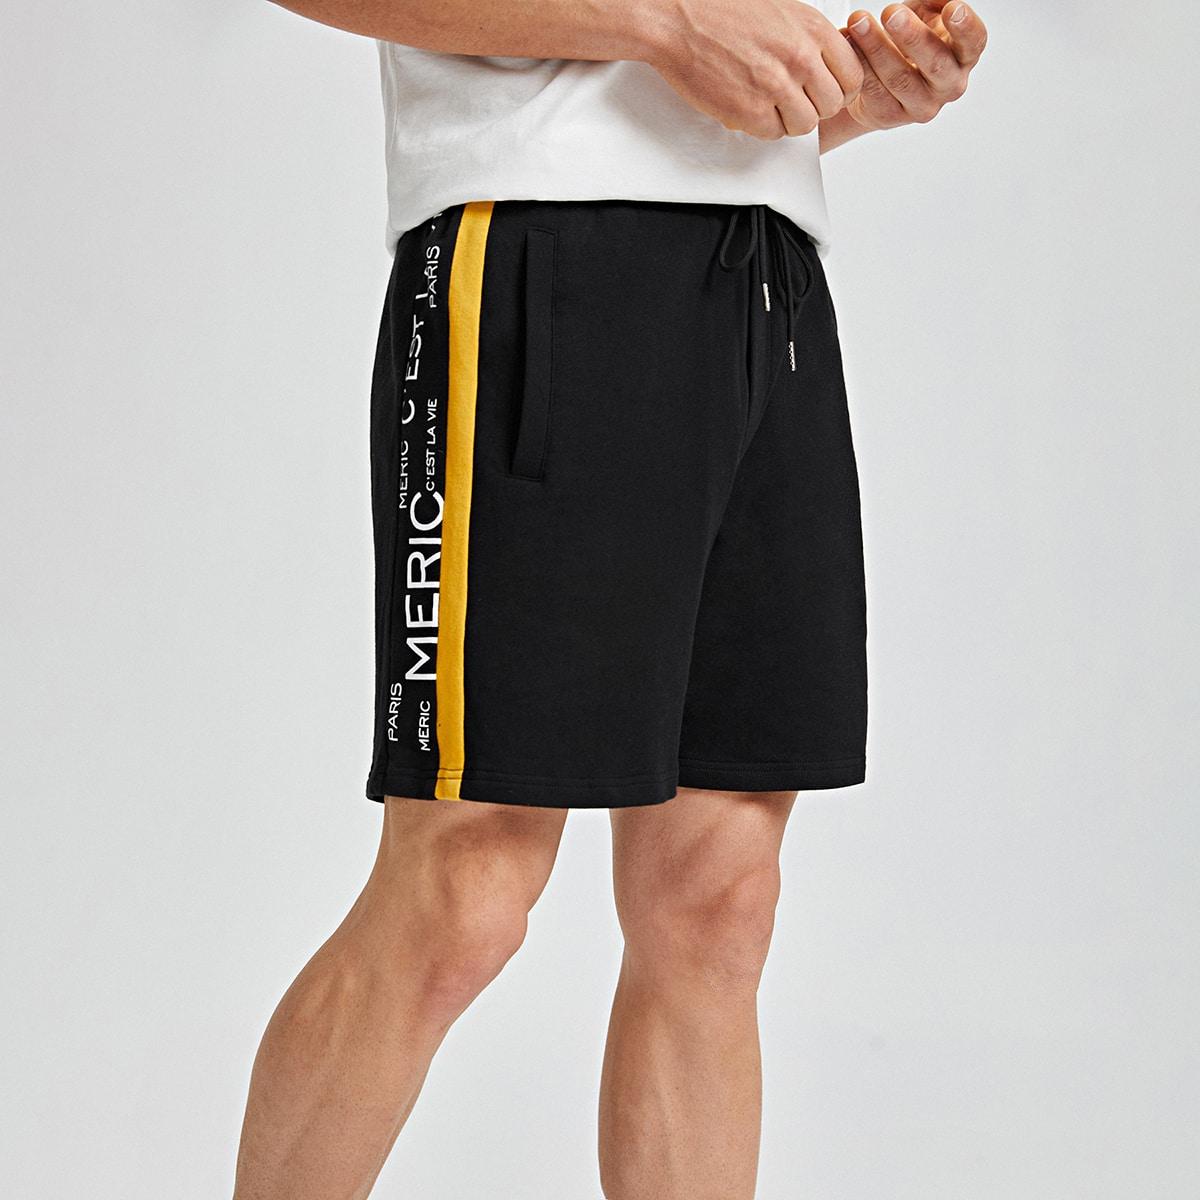 Мужские шорты с текстовым принтом